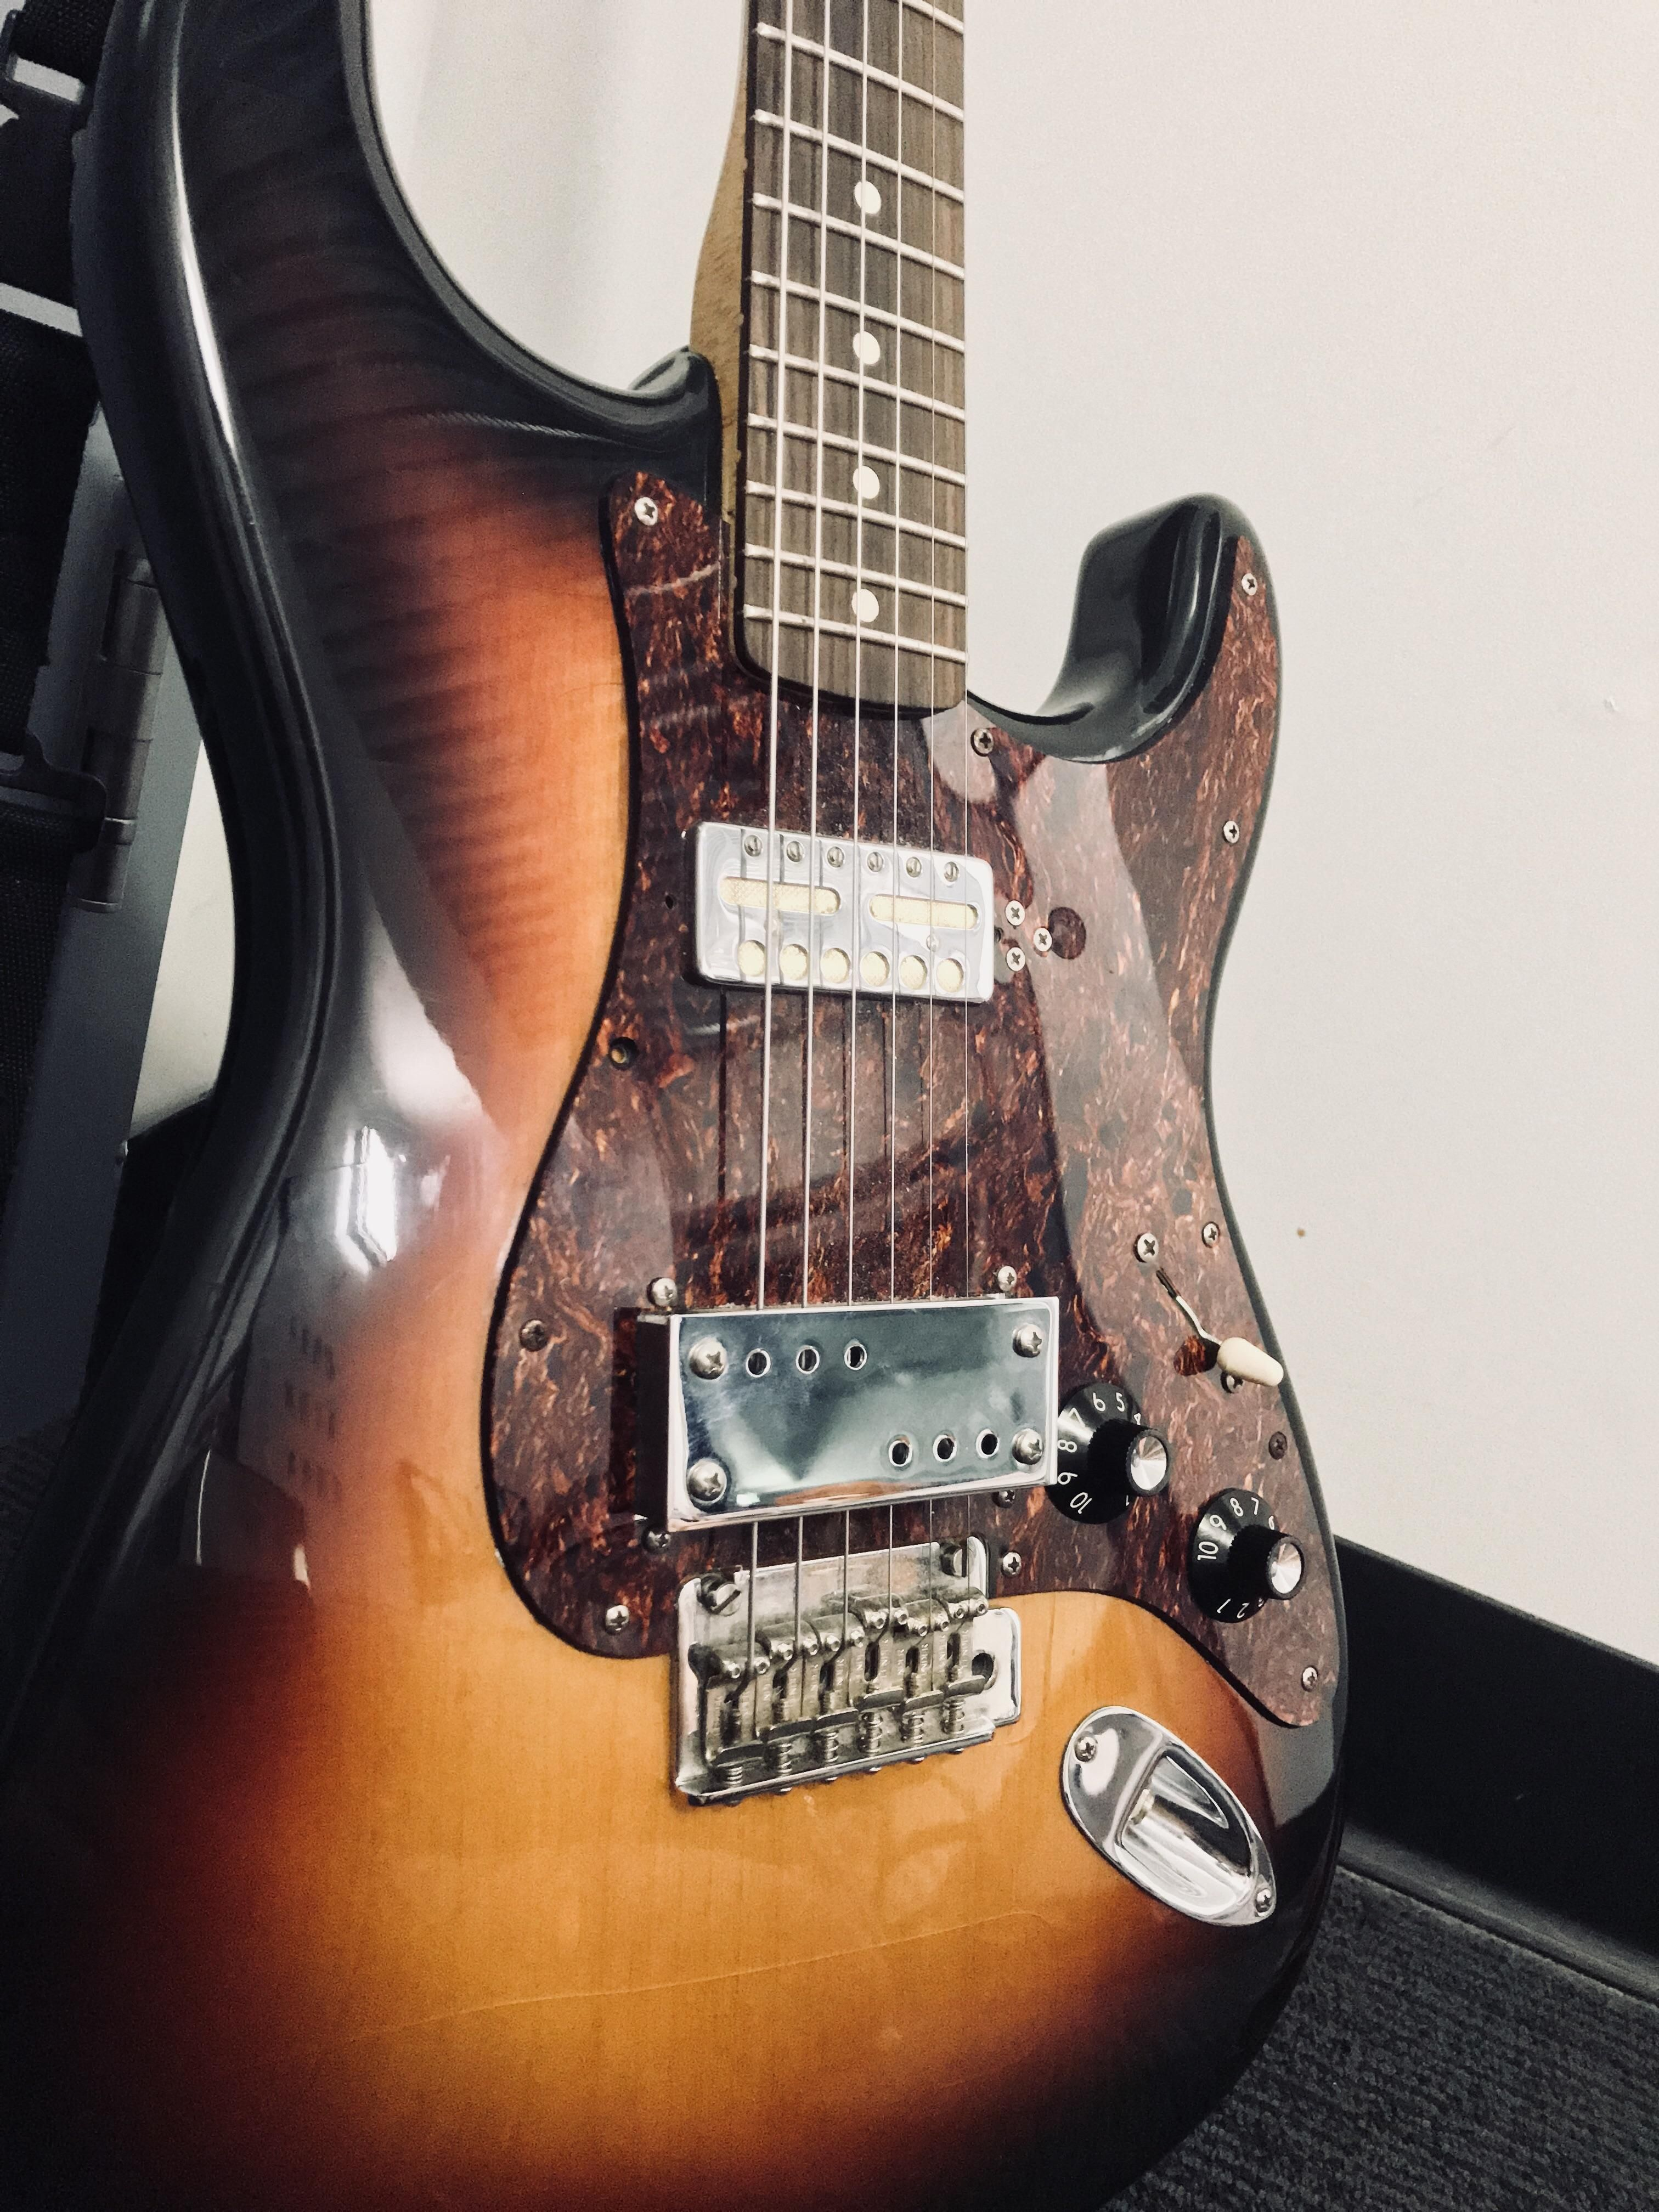 三式新電子小六弦 | Guitar stand, Guitar building, Instruments